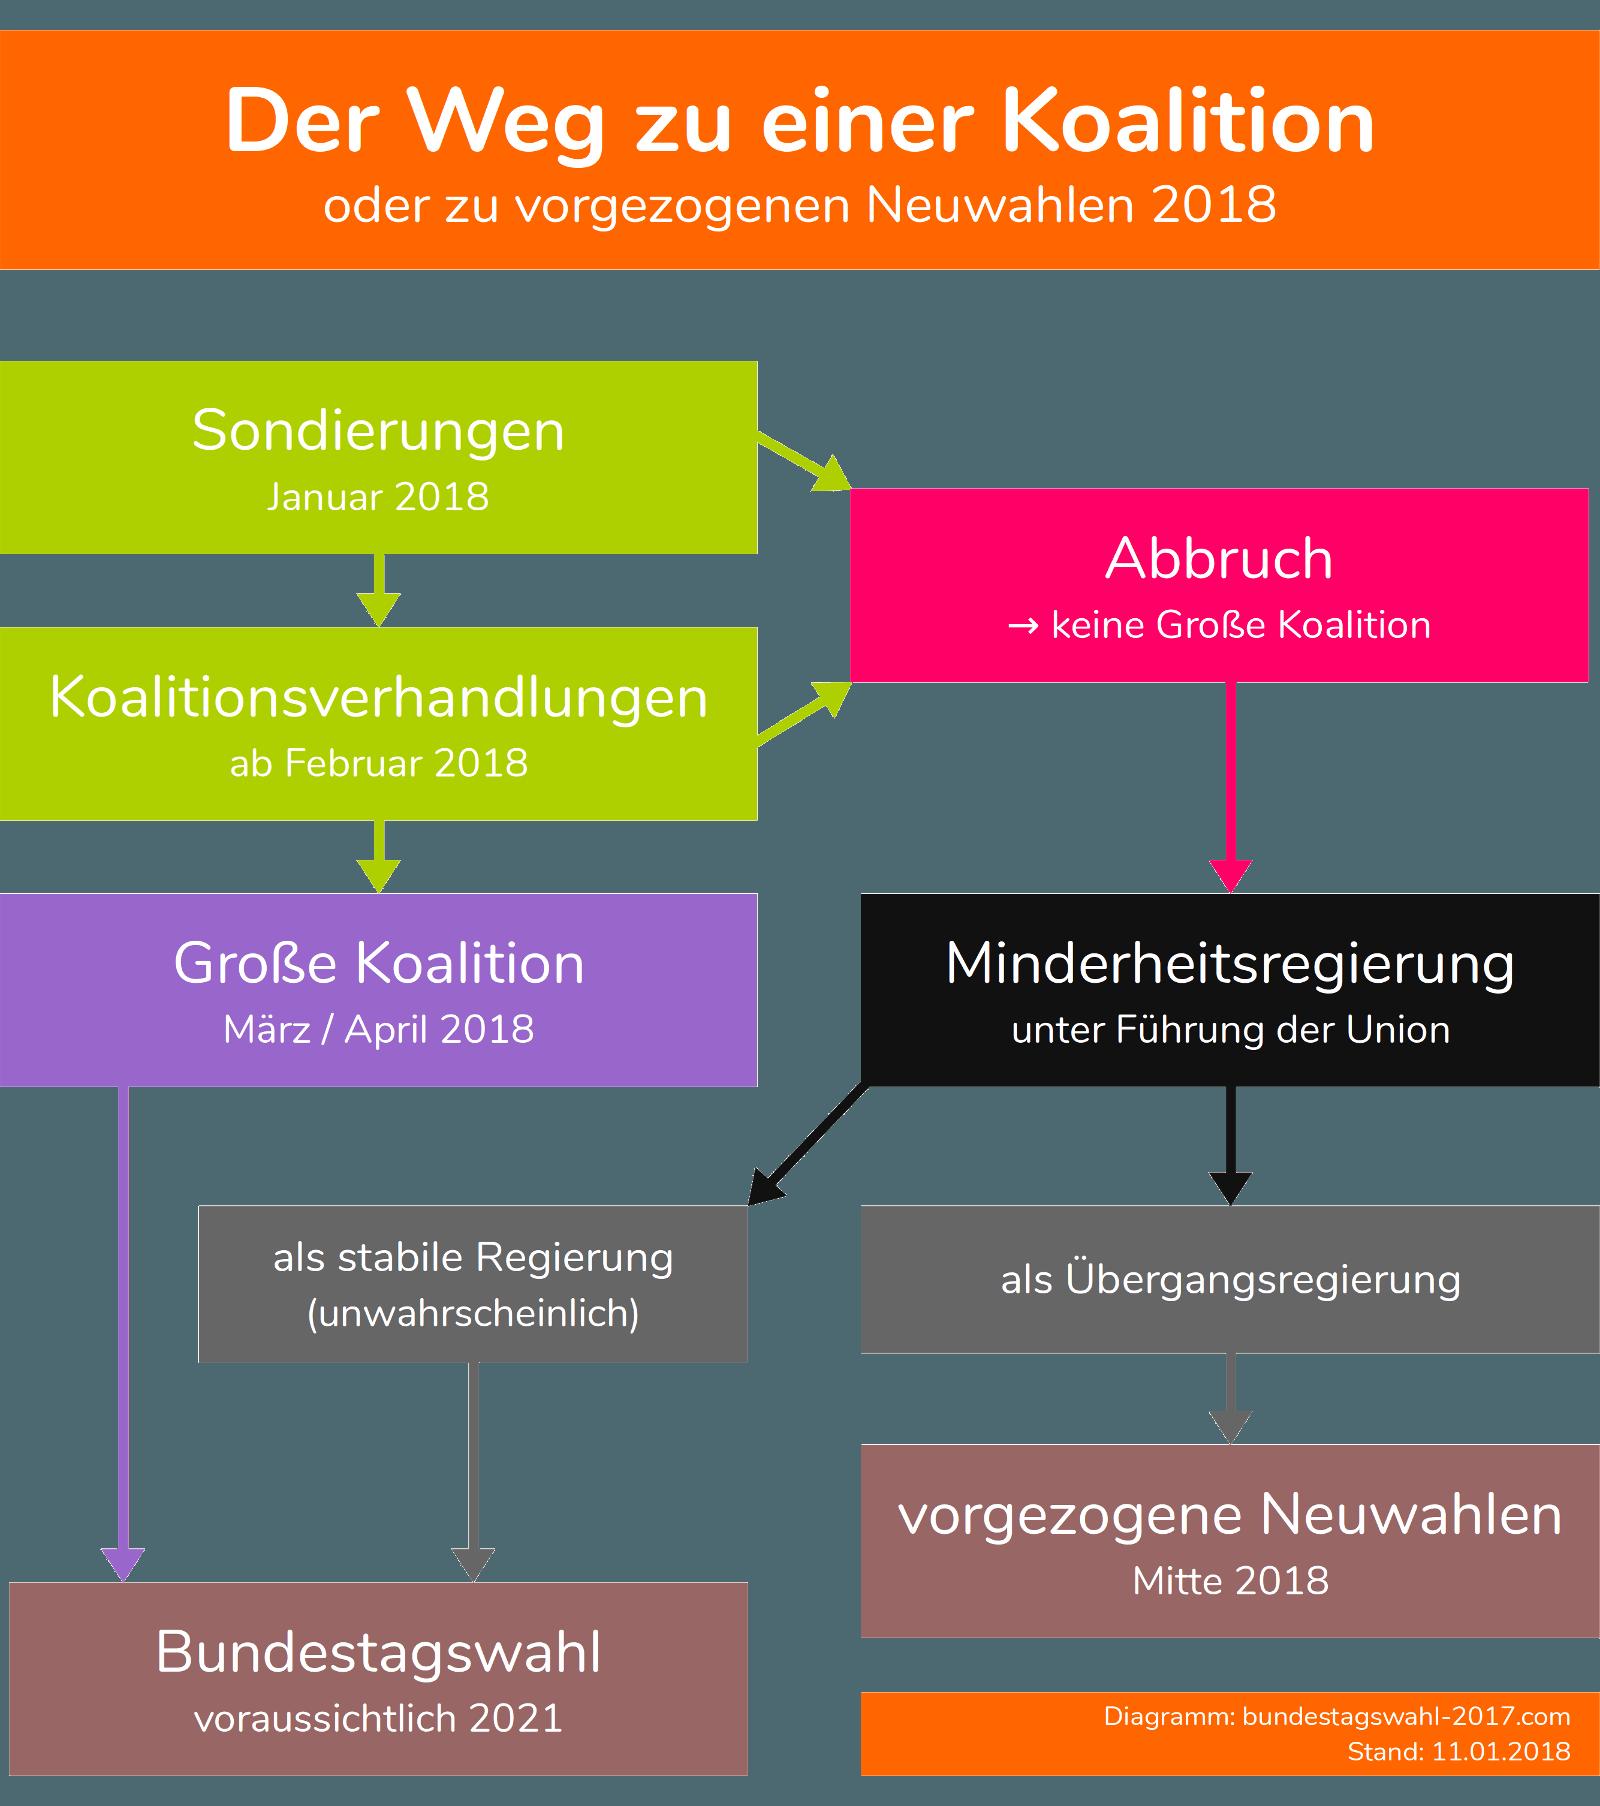 Zeitplan der Koalitionsverhandlungen für eine große Koalition